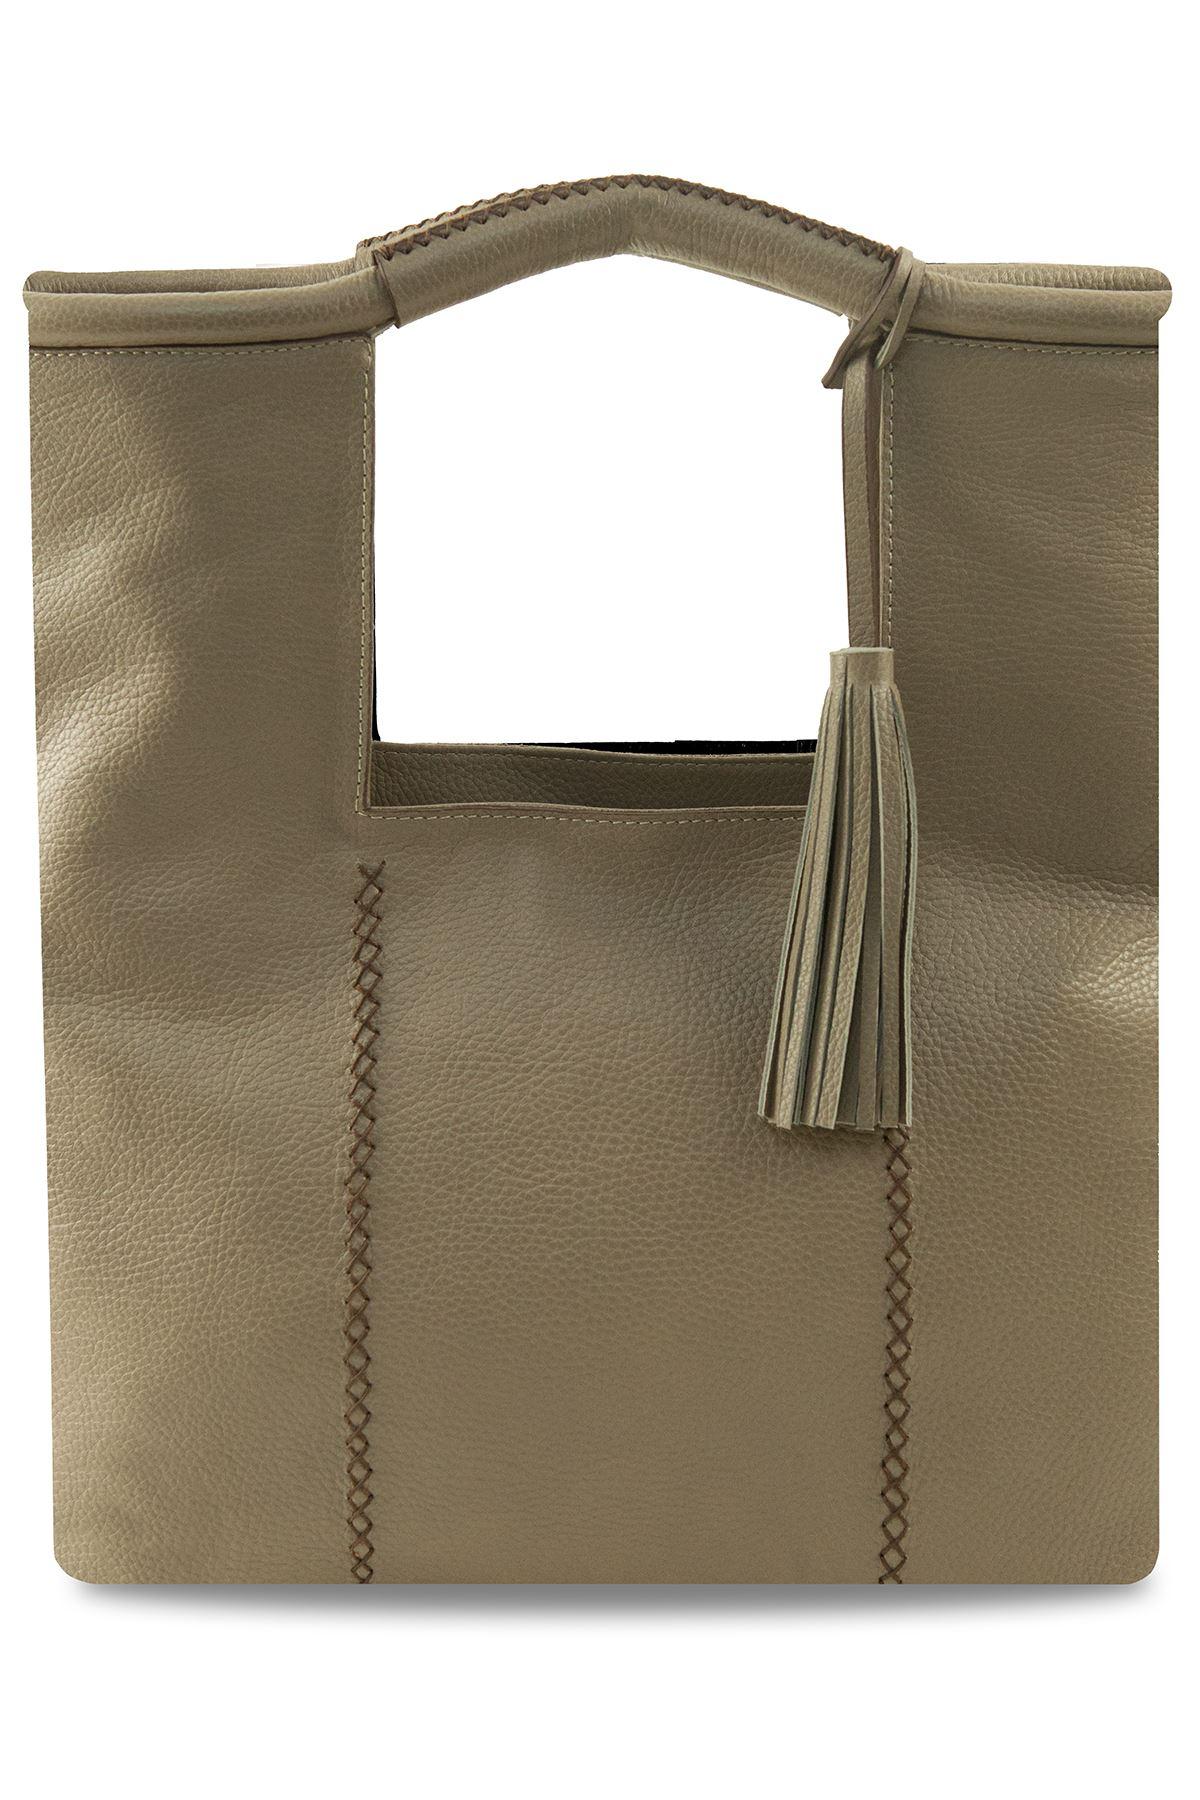 resm City Bag